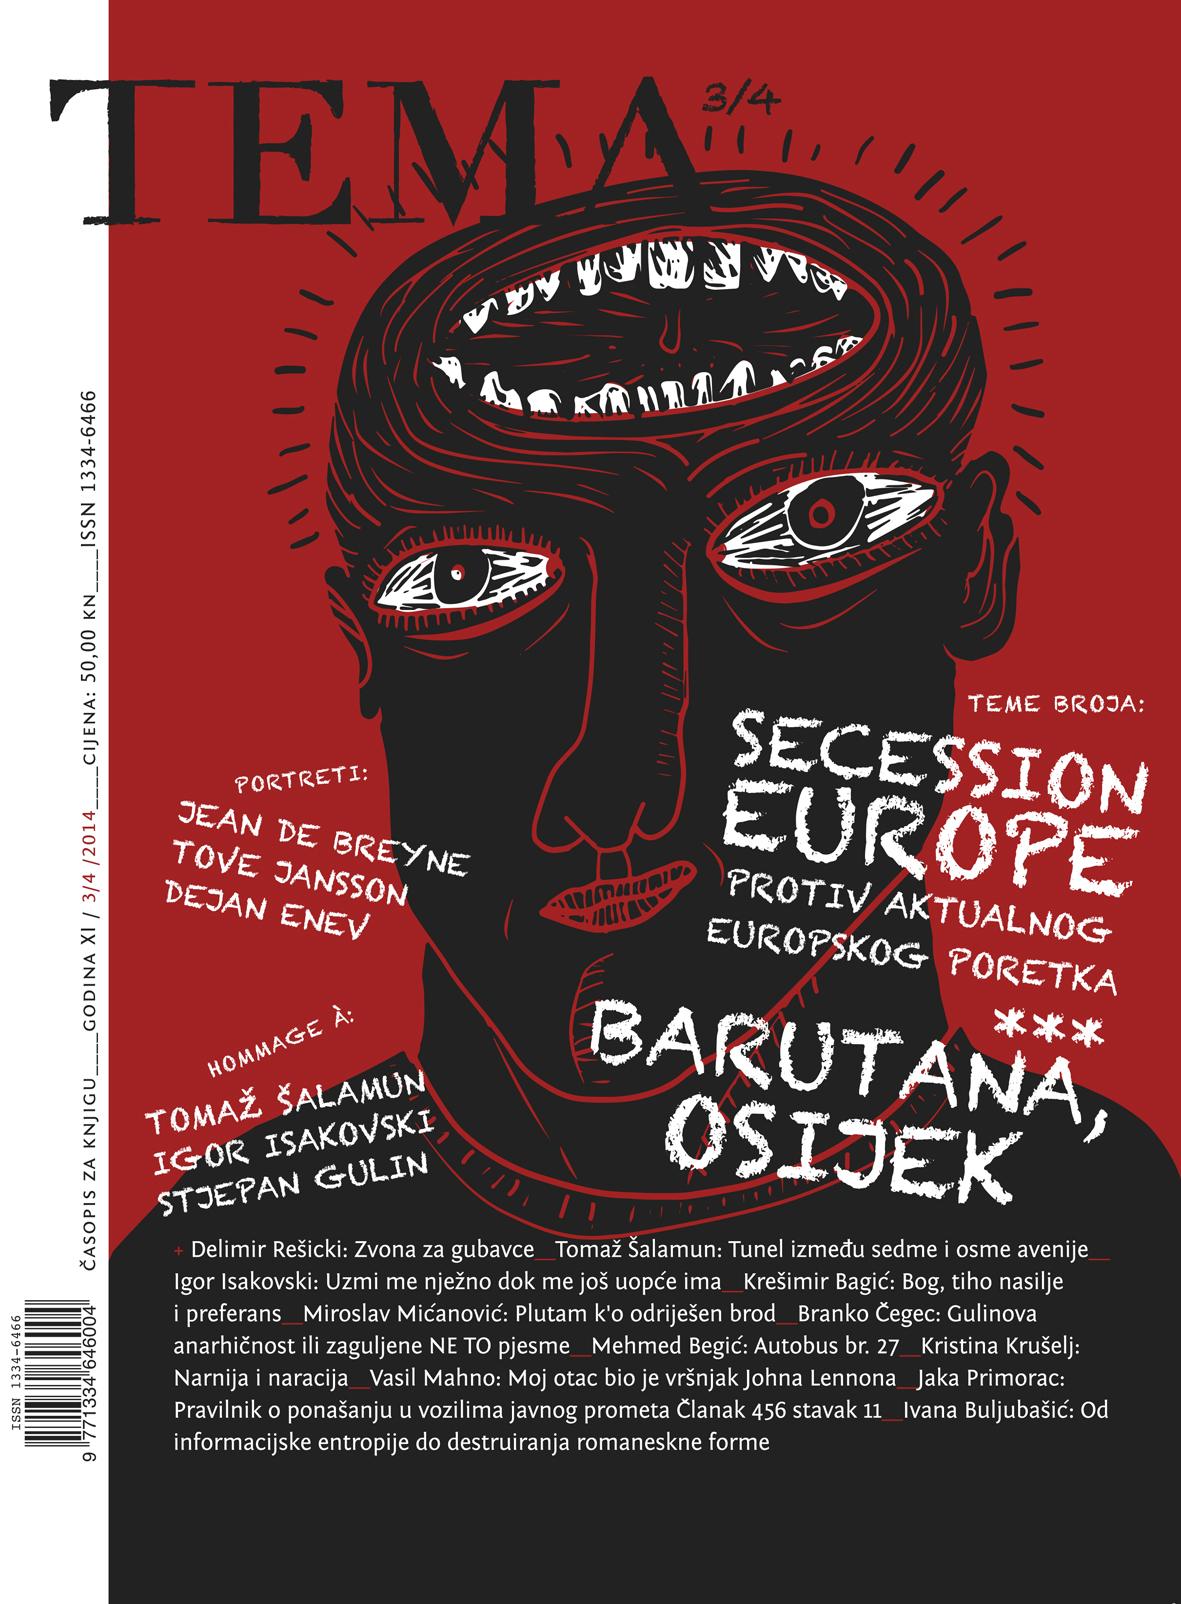 temaNASLOVNICA 03-04-2015 2-1